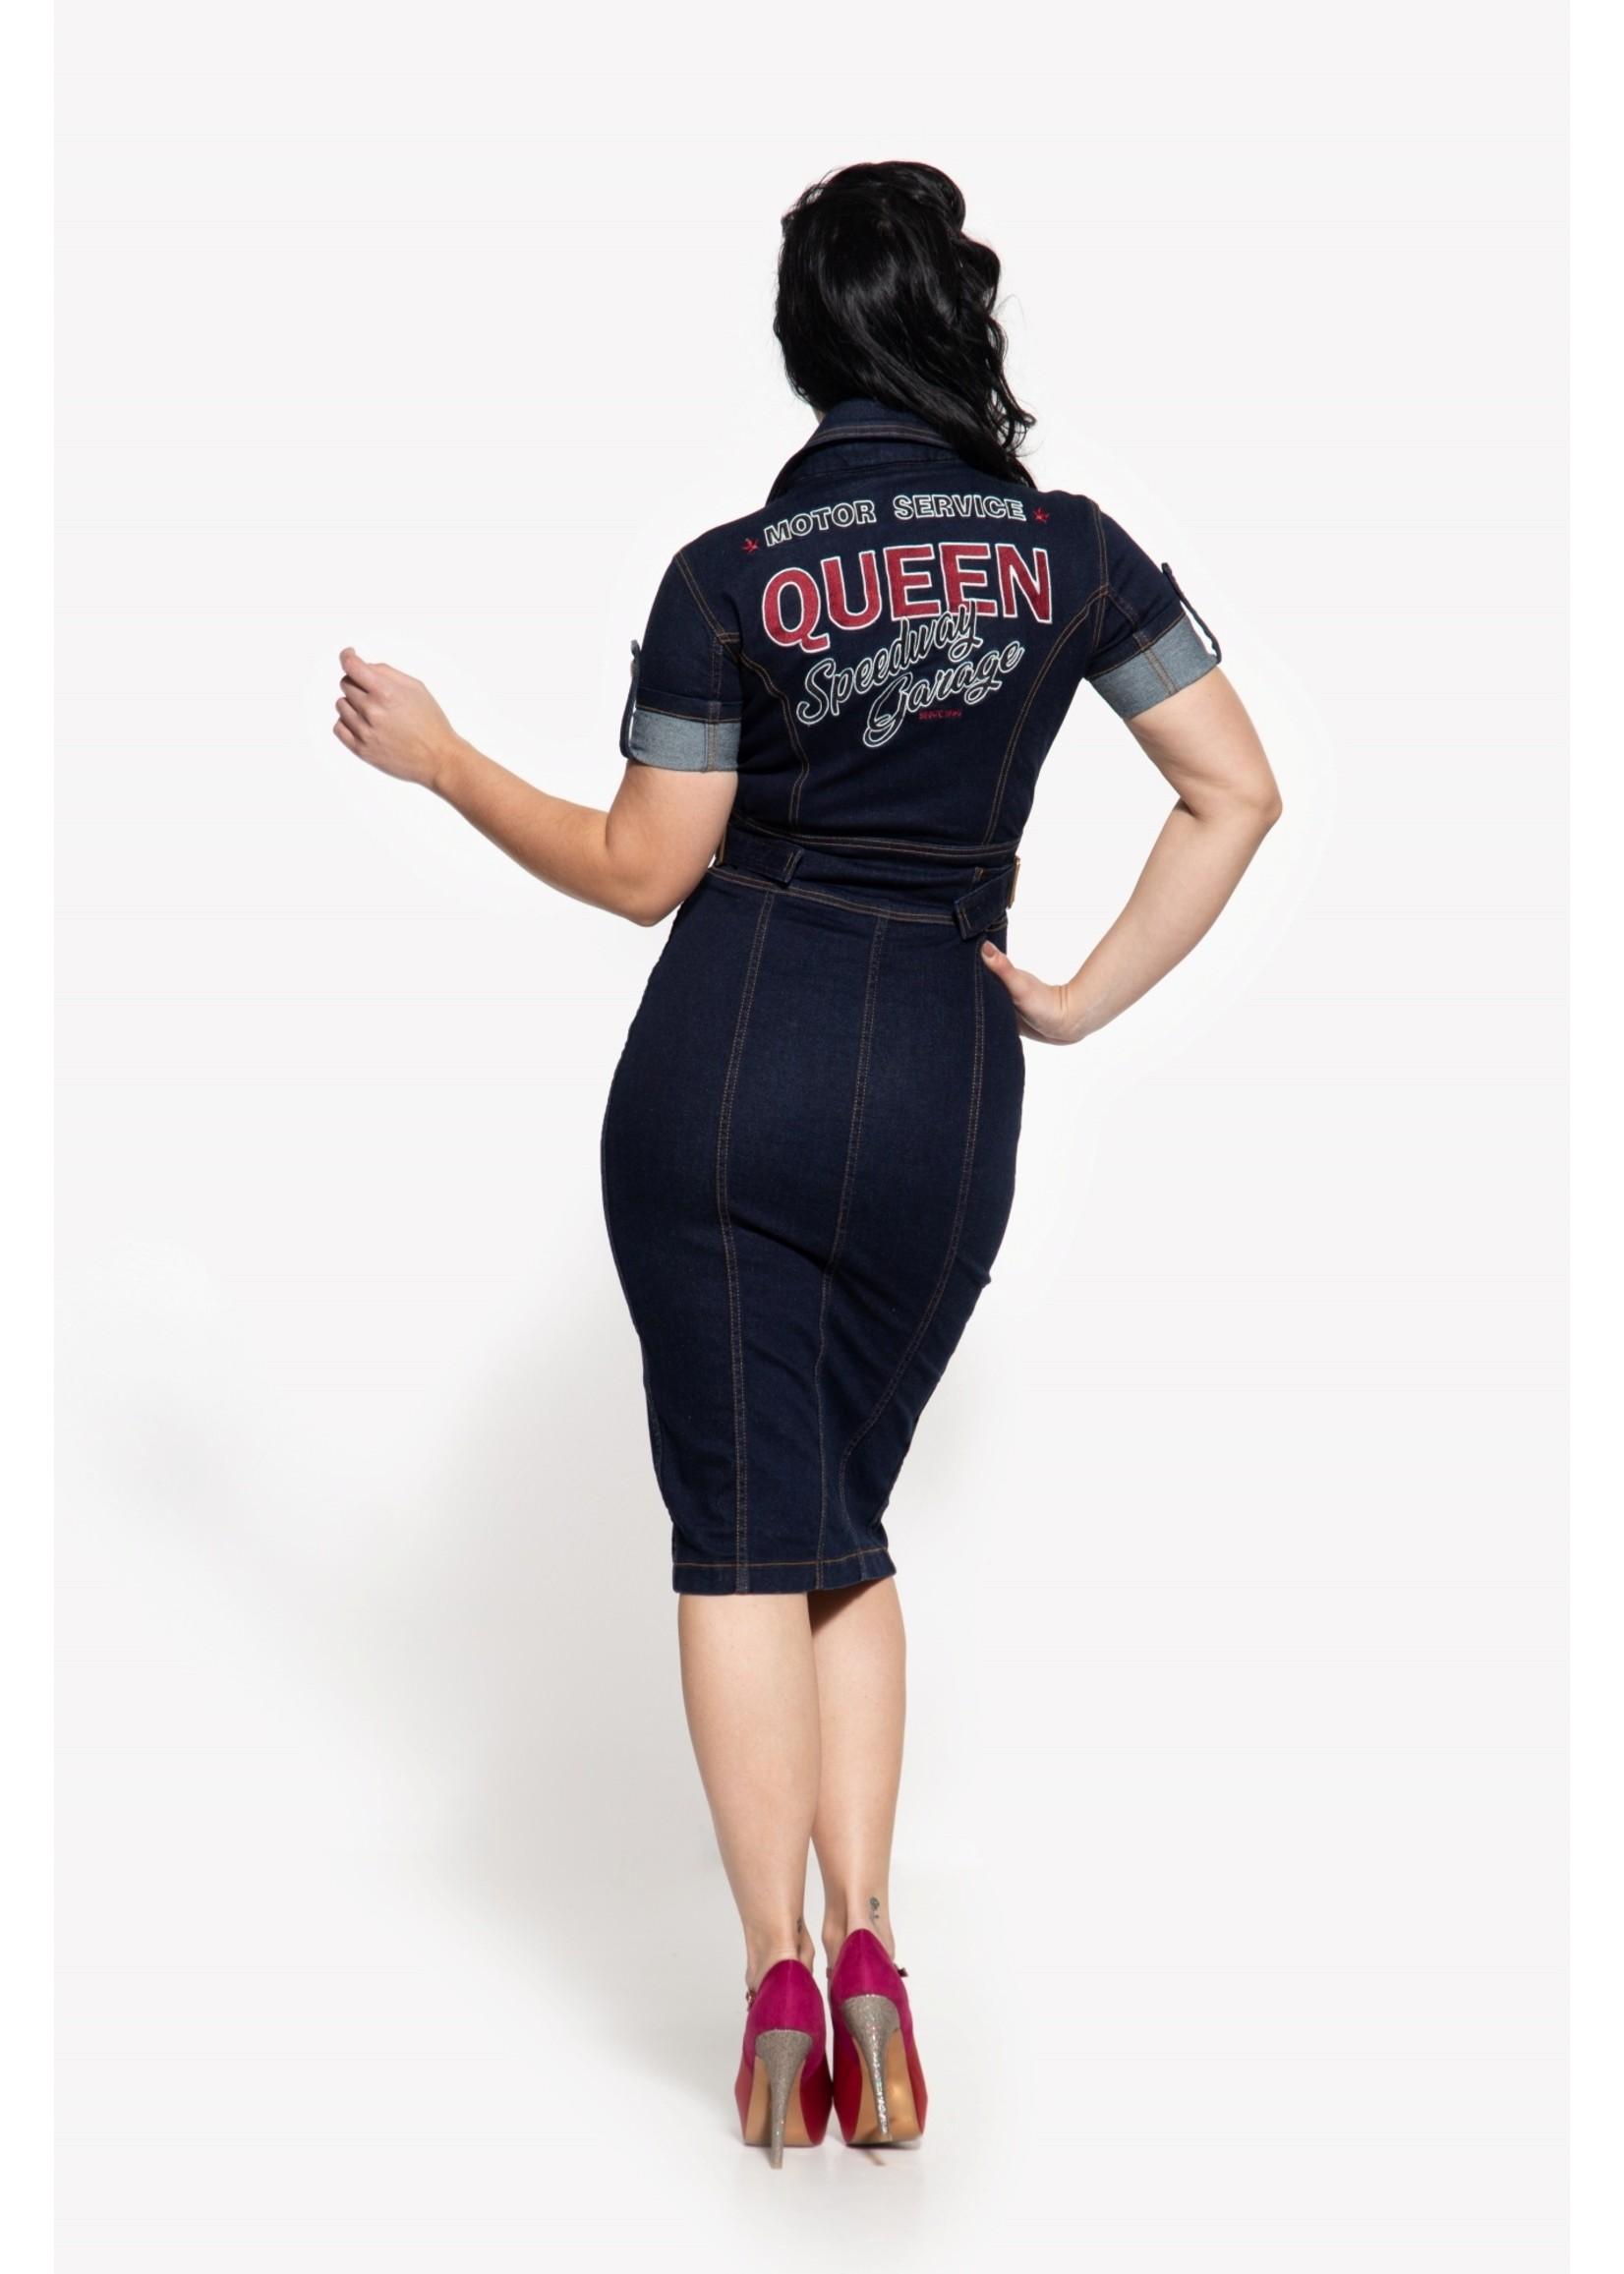 Queen Kerosin Queen Kerosin 50s Workwear Denim Dress in Dark Blue